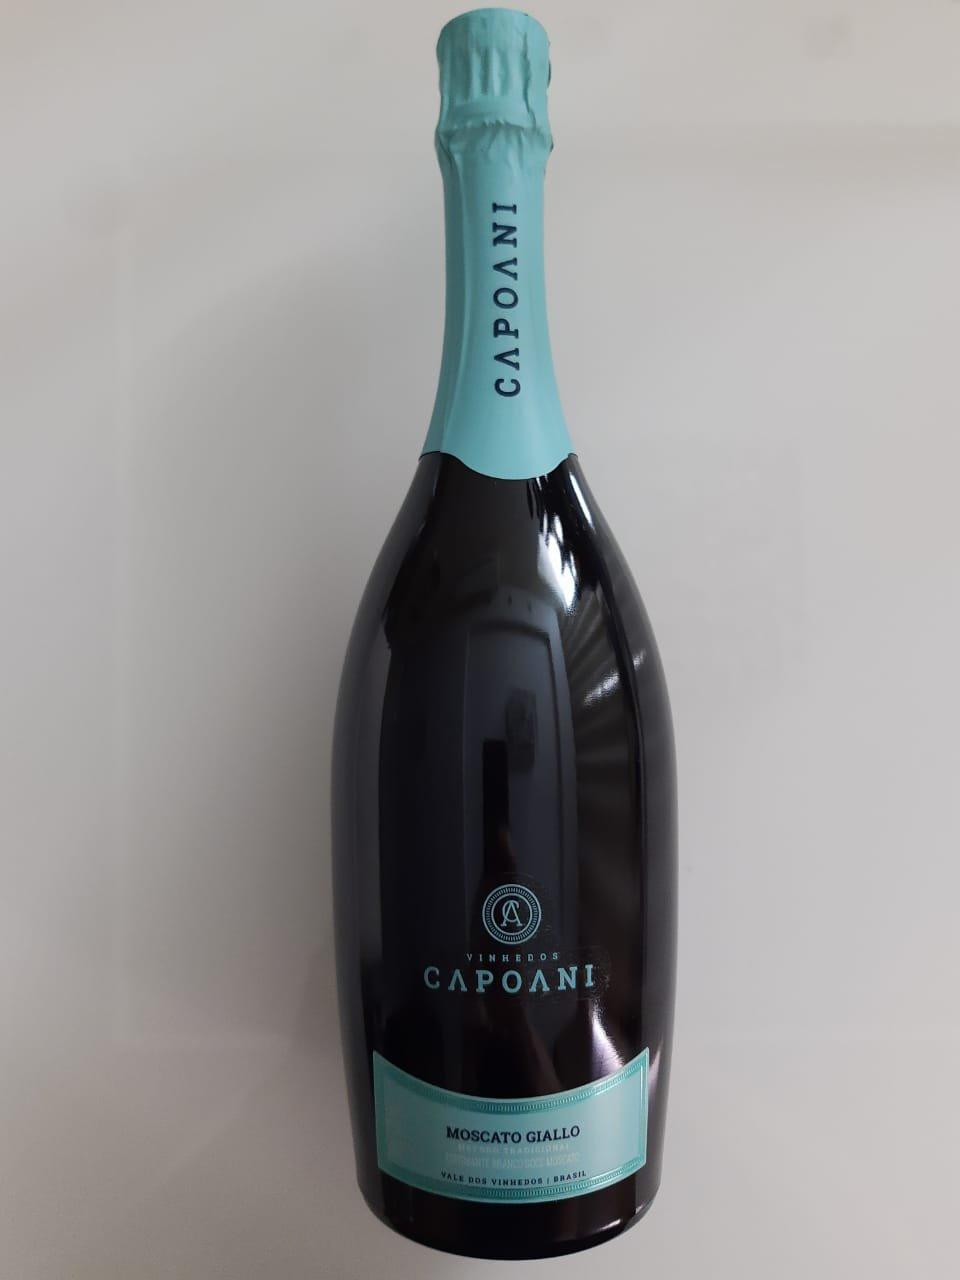 Vinho Vinhedos Capoani Espumante Moscato Giallo 750ml